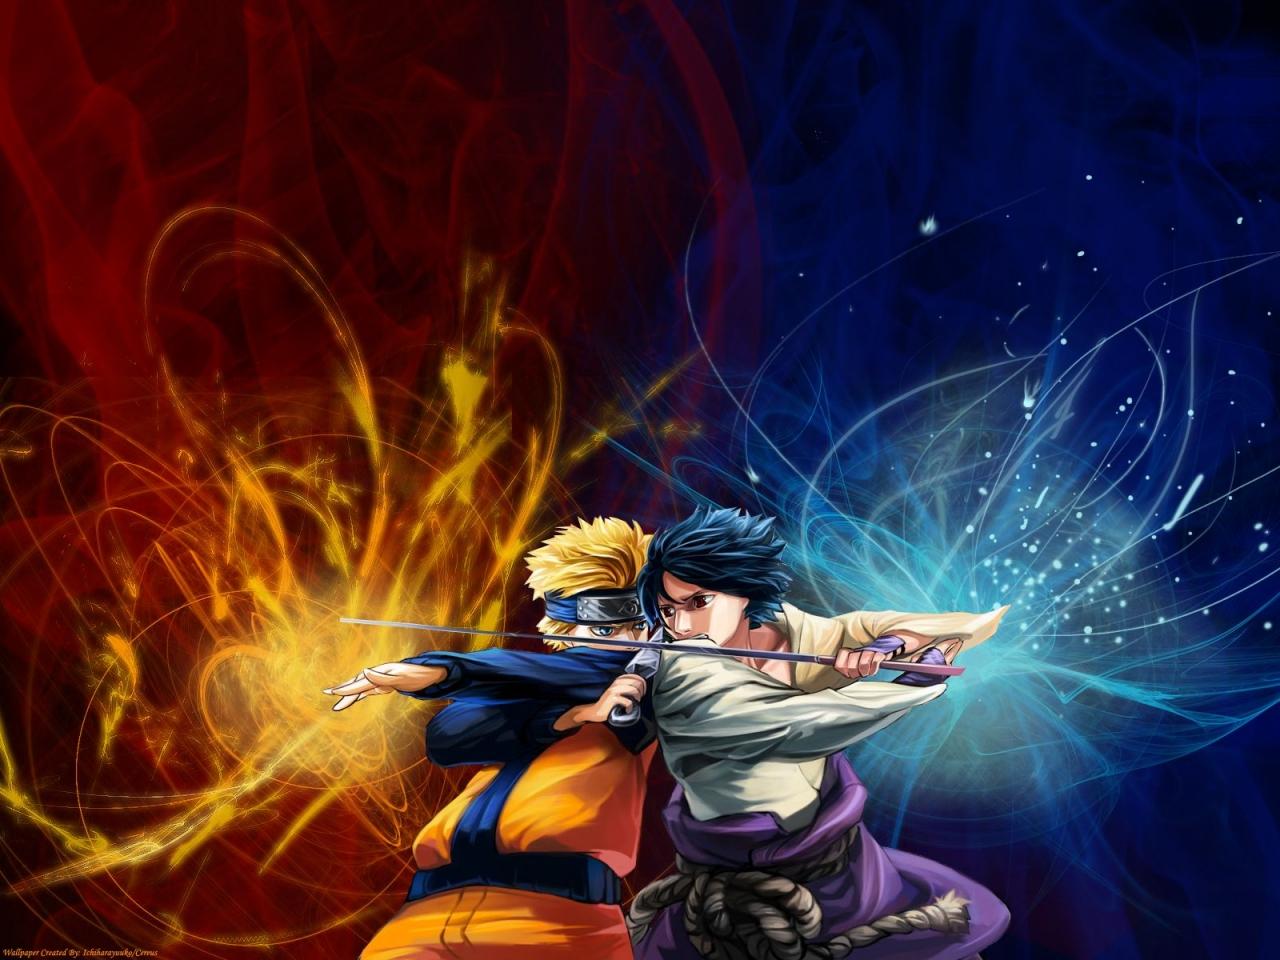 WallpapersKu: Naruto vs Sasuke Wallpapers